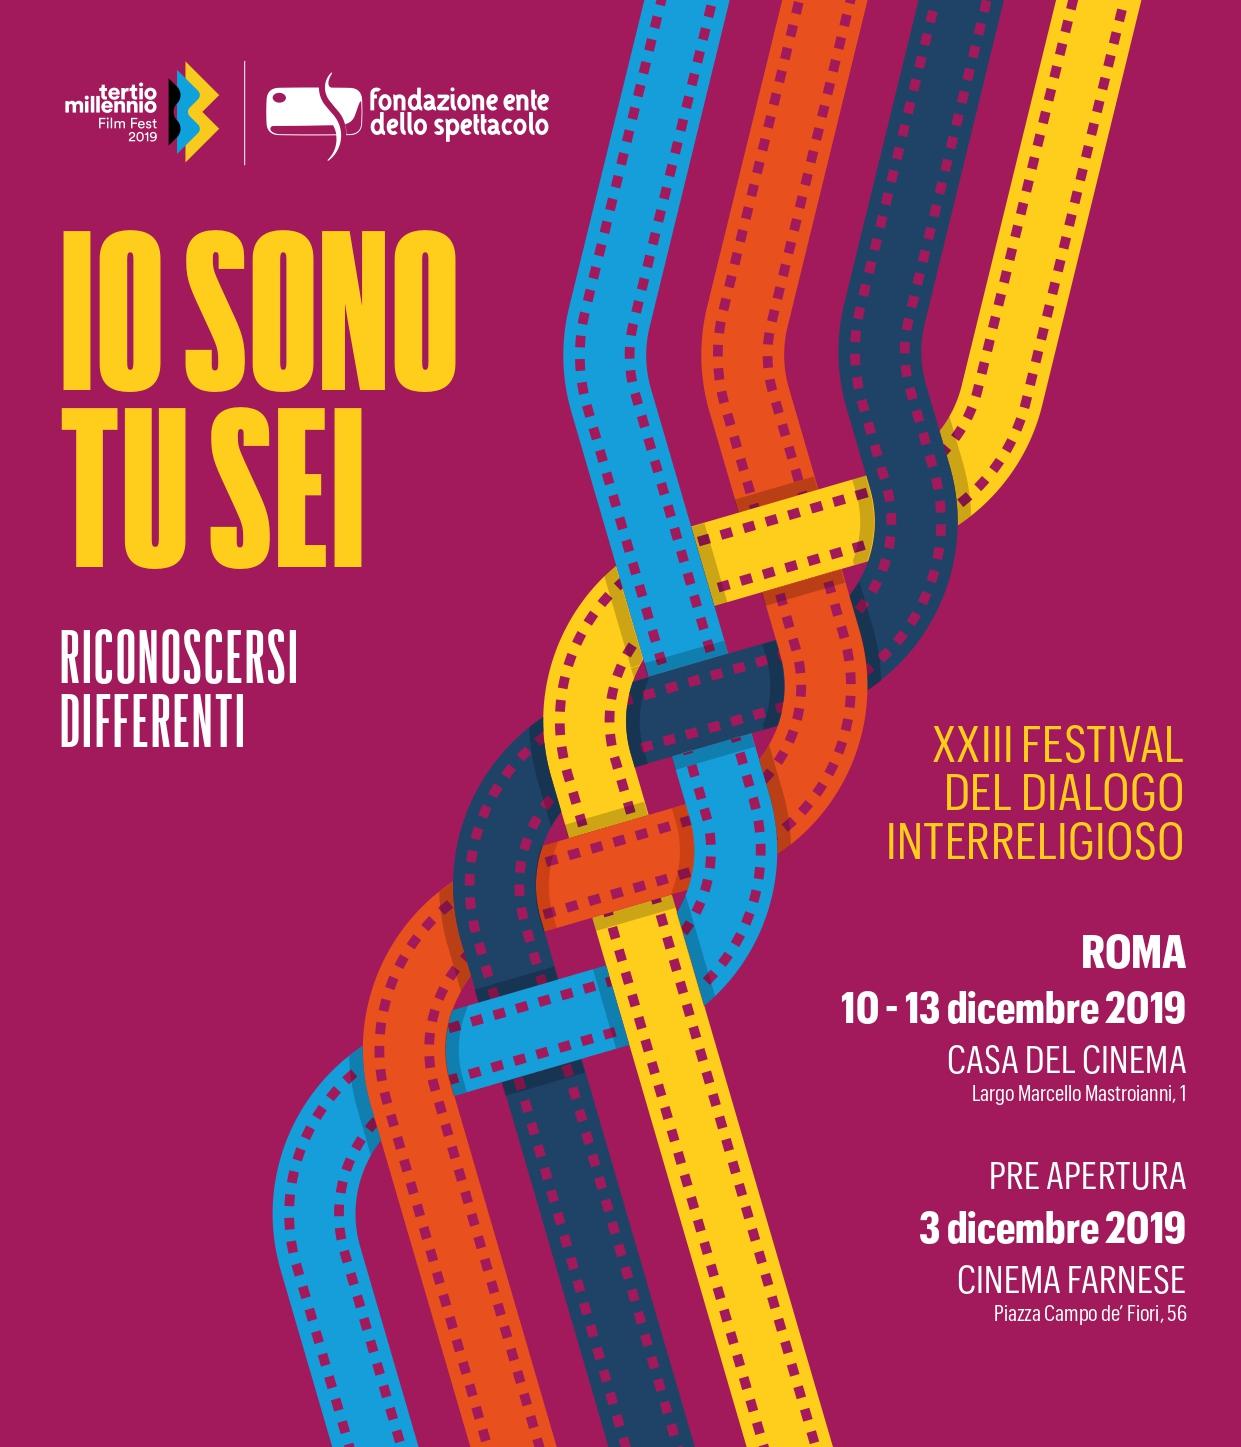 Tertio Millennio Film Fest 2019